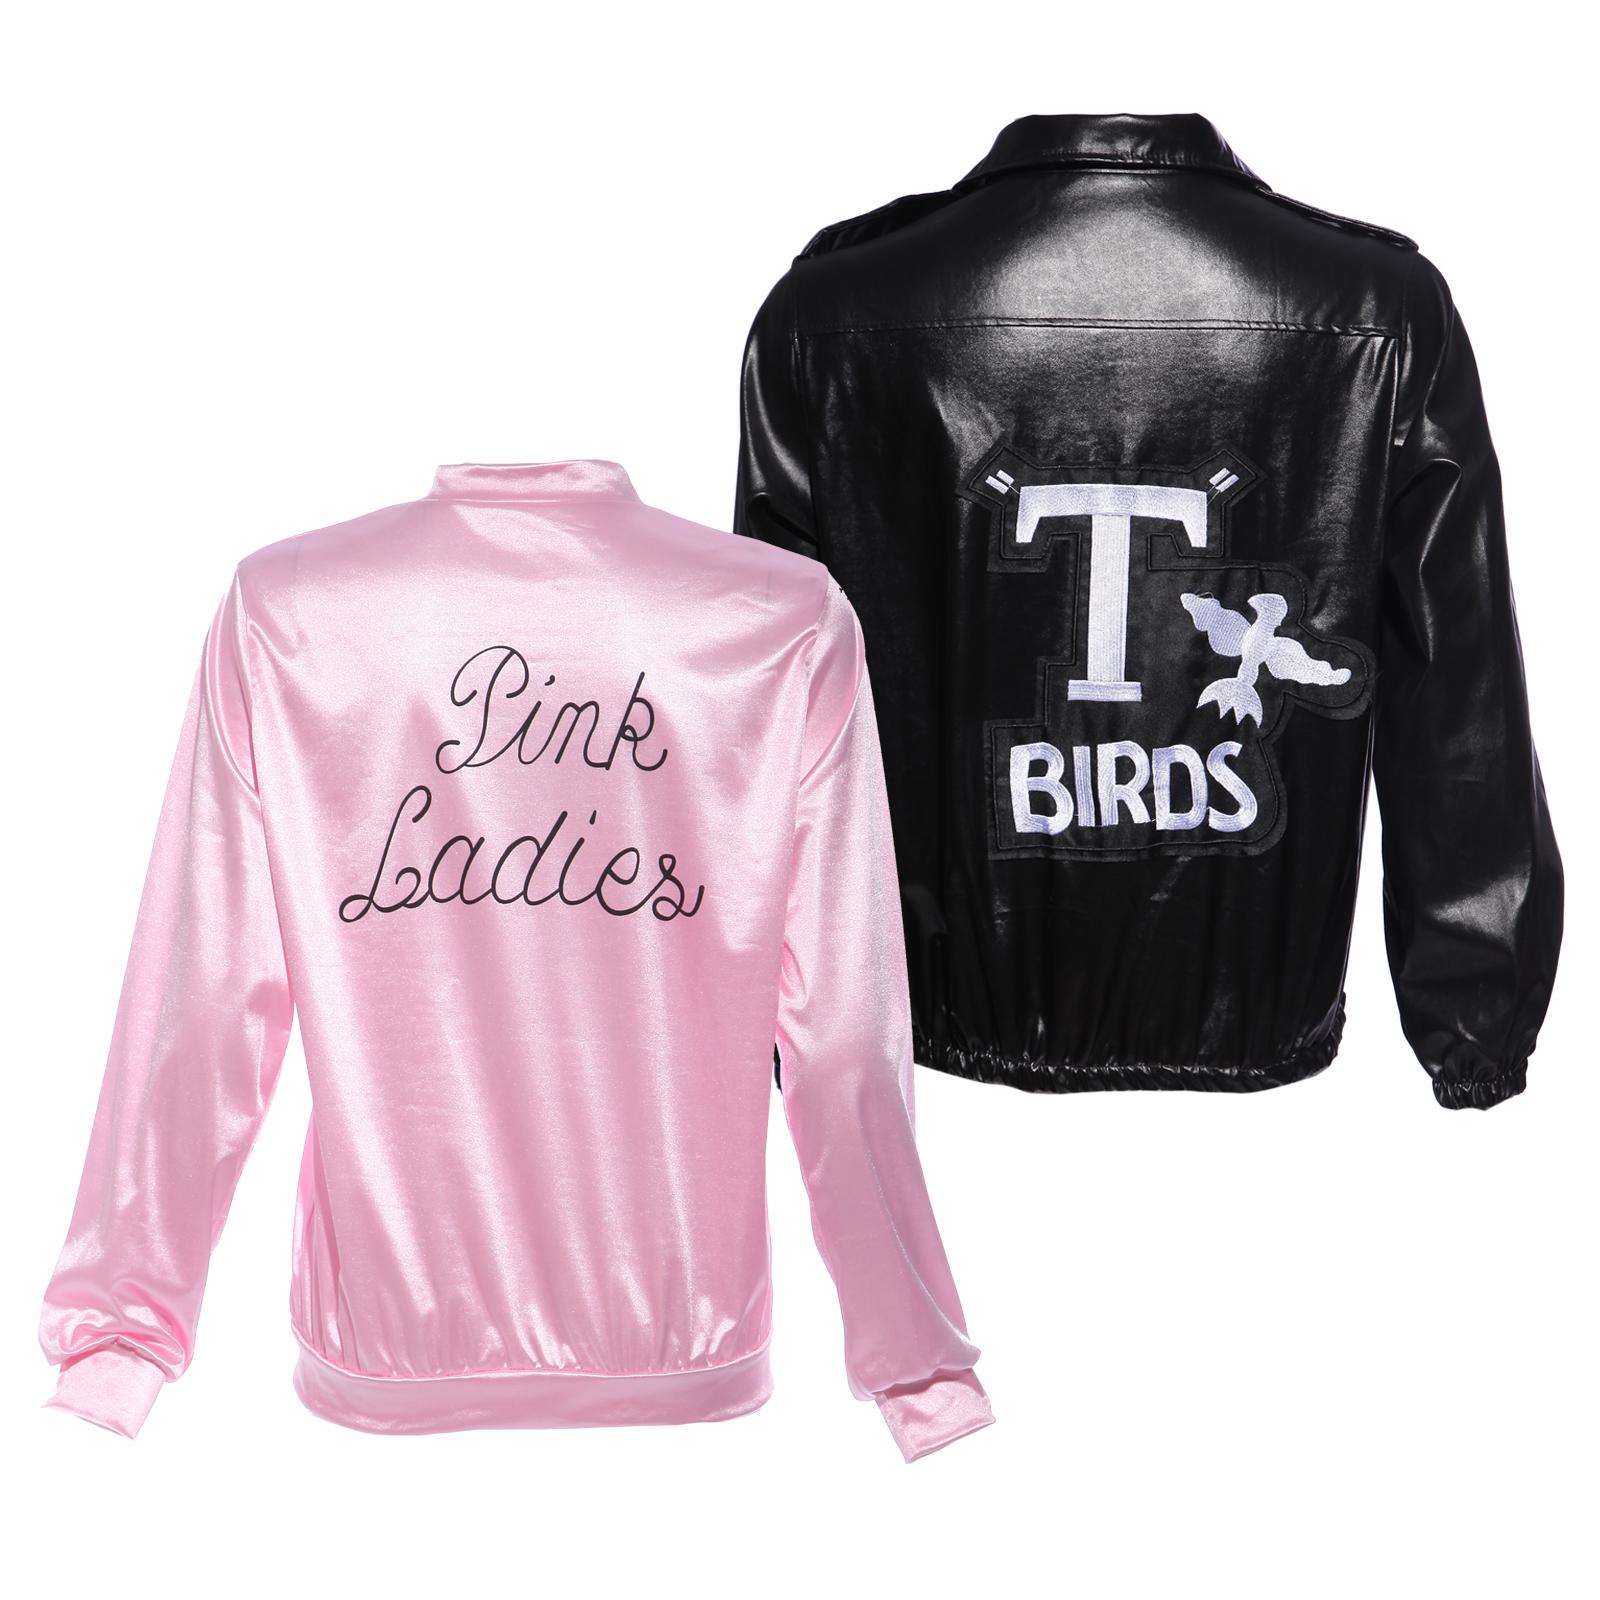 50er 60er jahre party grease kost m jacket damen pink lady. Black Bedroom Furniture Sets. Home Design Ideas